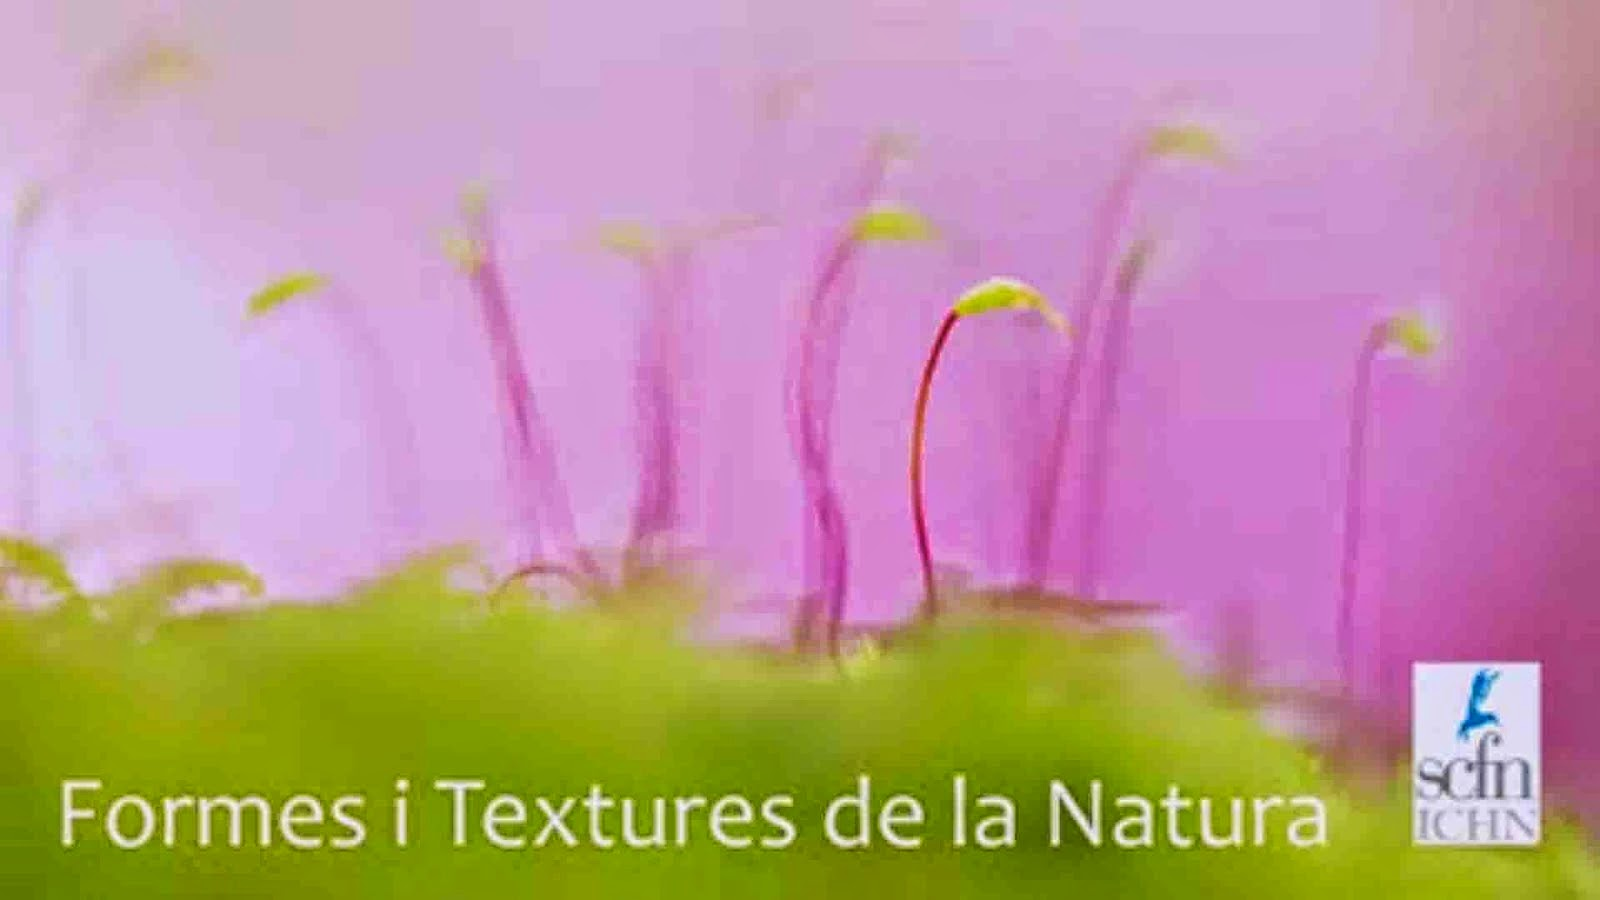 Formes i textures a la natura.